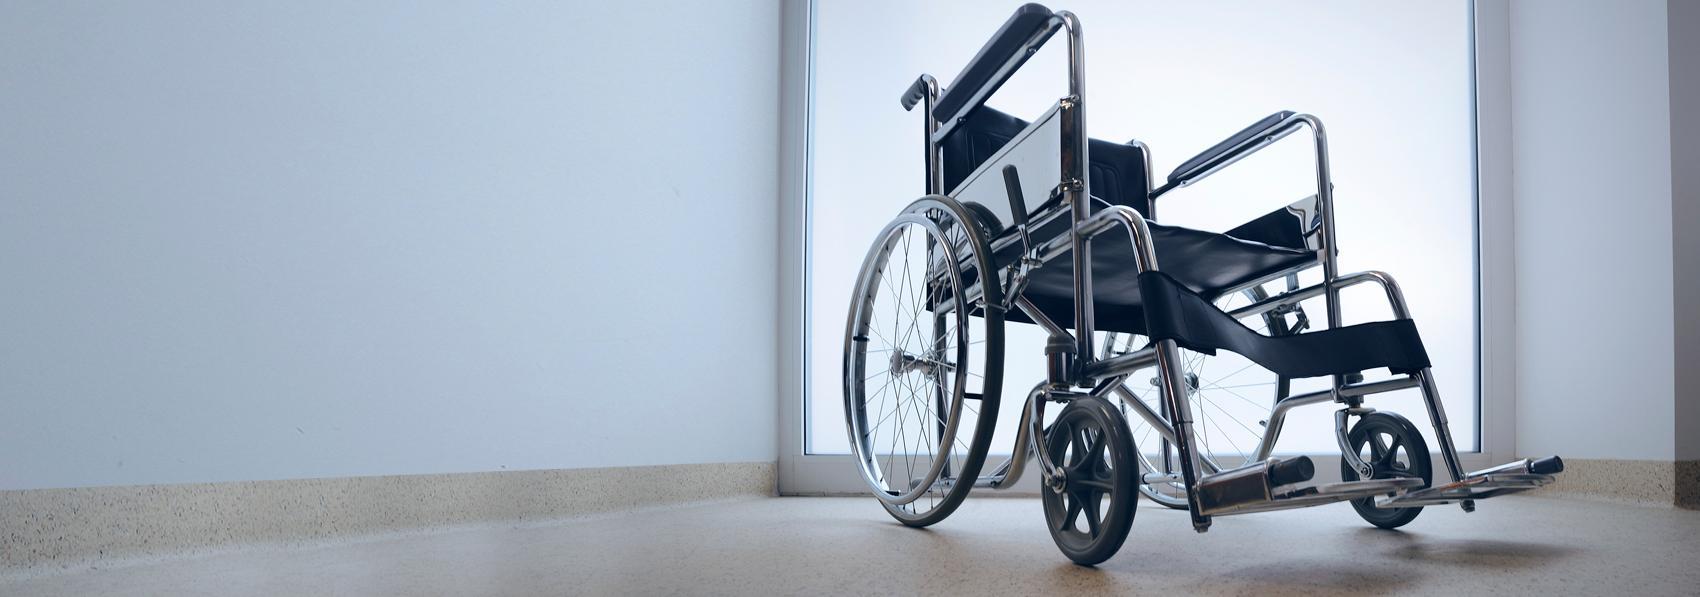 ortopedia e riabilitazione